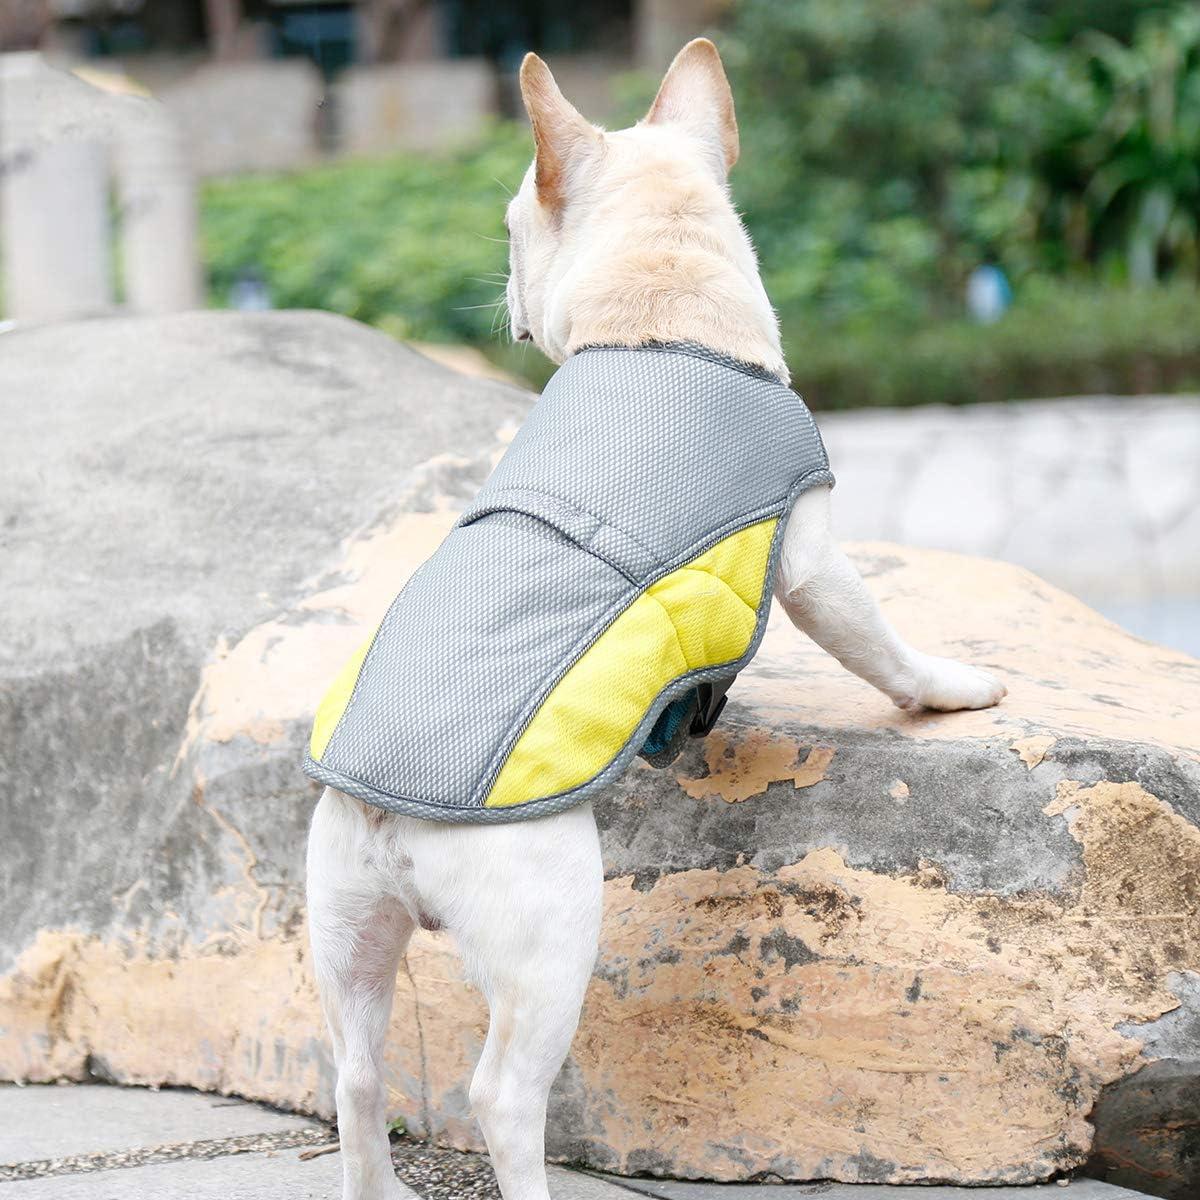 Penivo Sommer Cool Dog Harness f/ür Kleine mittelgro/ße Hunde Einstellbare K/ühlweste Kleidung EIS Hundehalsband